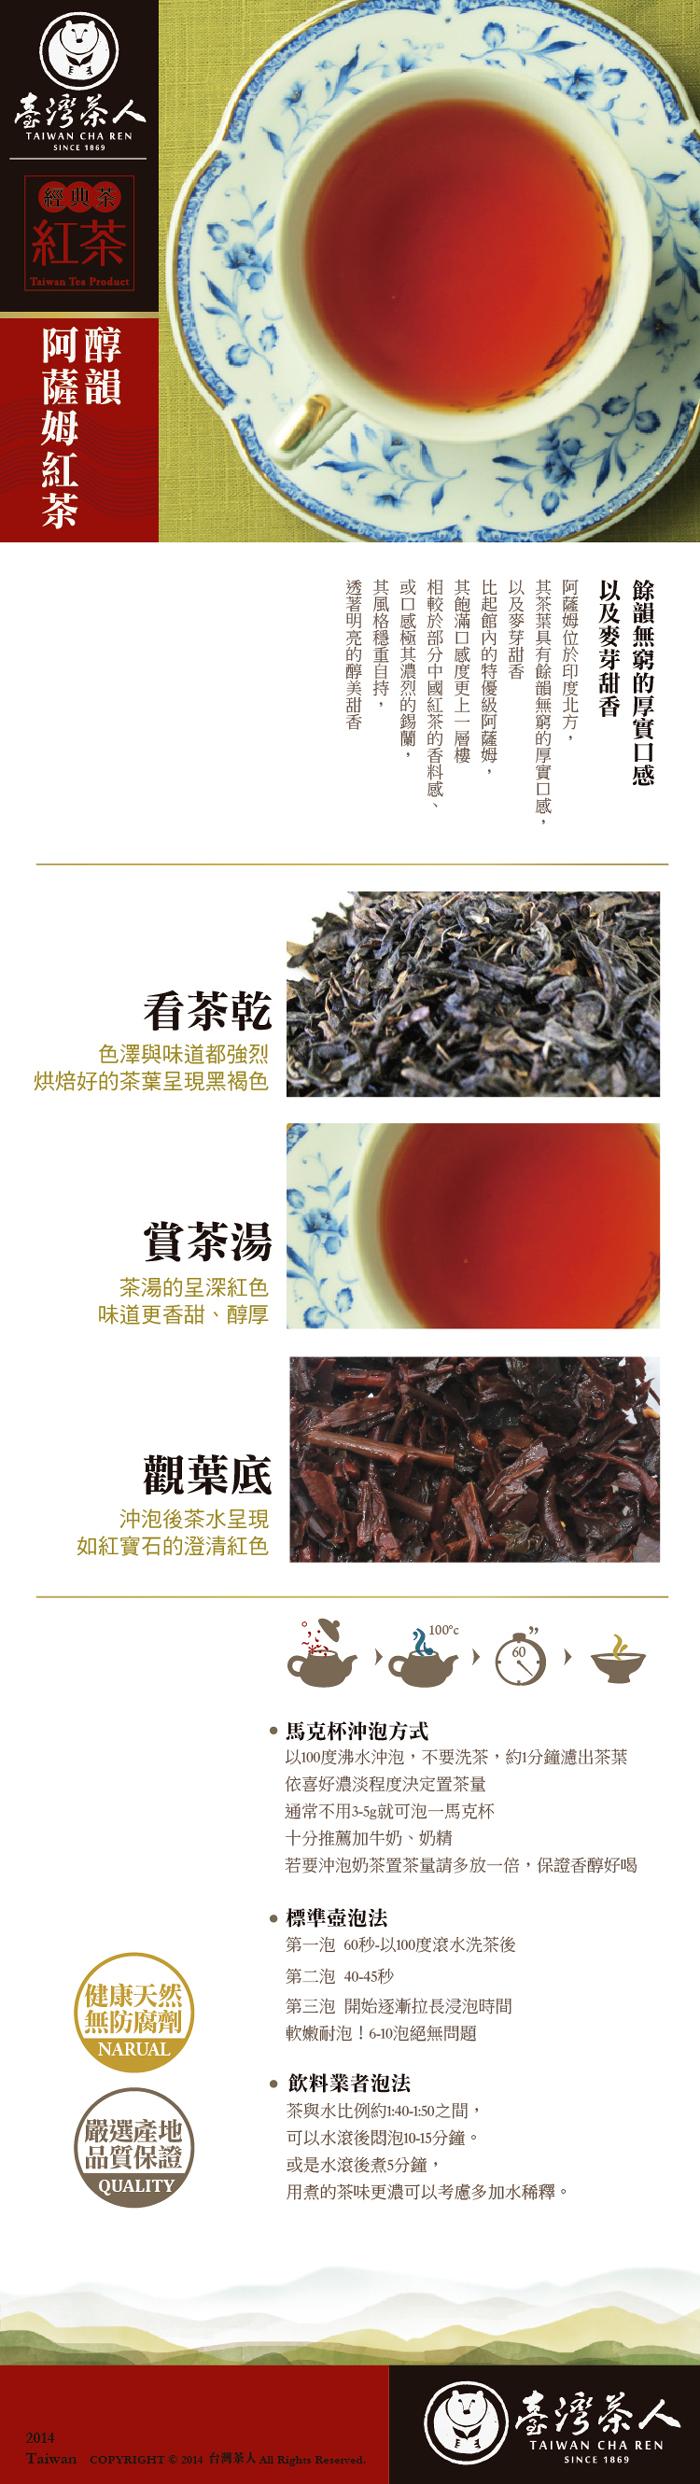 【台灣茶人】醇韻阿薩姆紅茶│買五斤送半斤